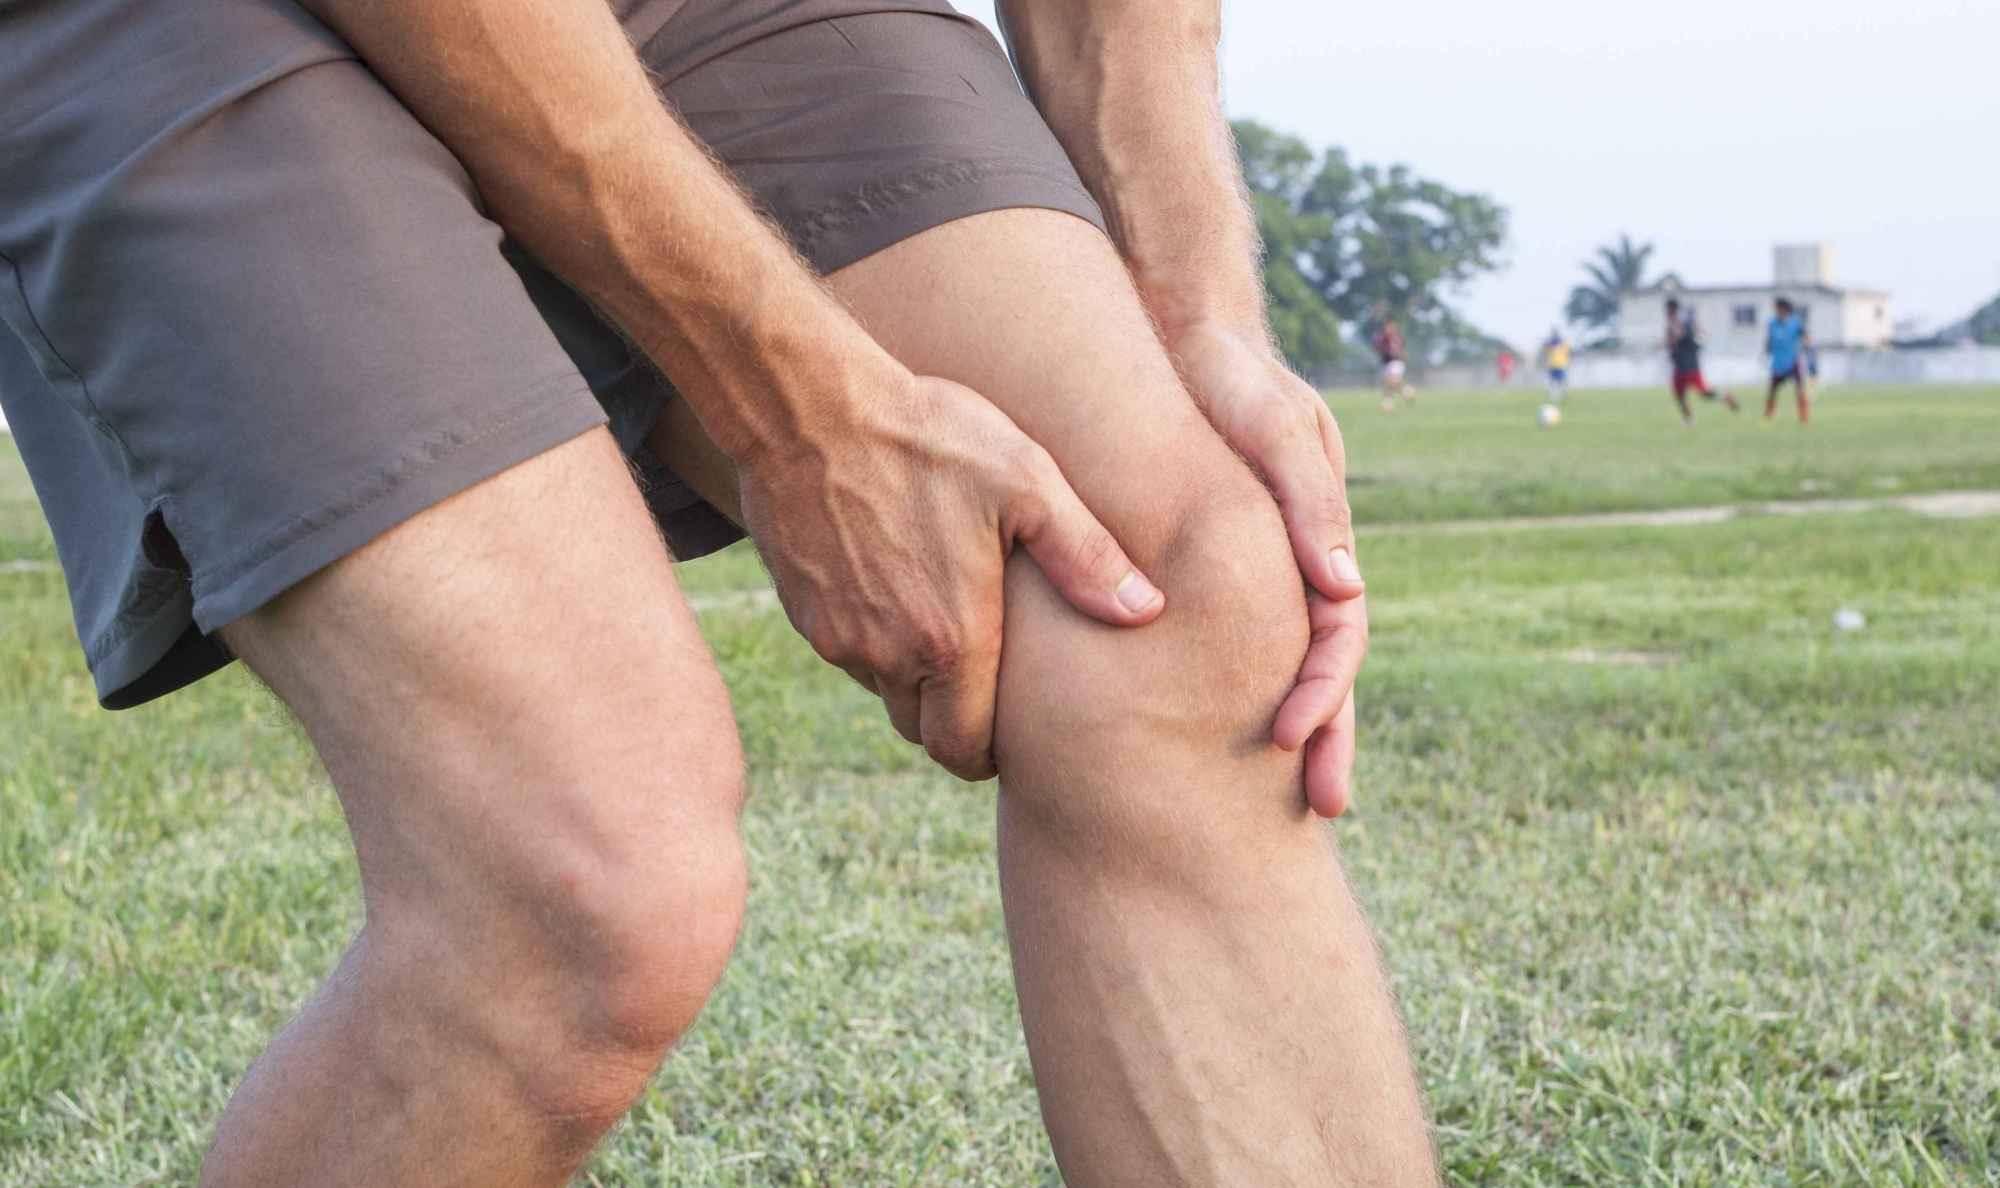 膝关节砰砰响,就不要练深蹲,4招强化膝盖,深蹲不再受伤  运动过度后膝盖弯曲会响